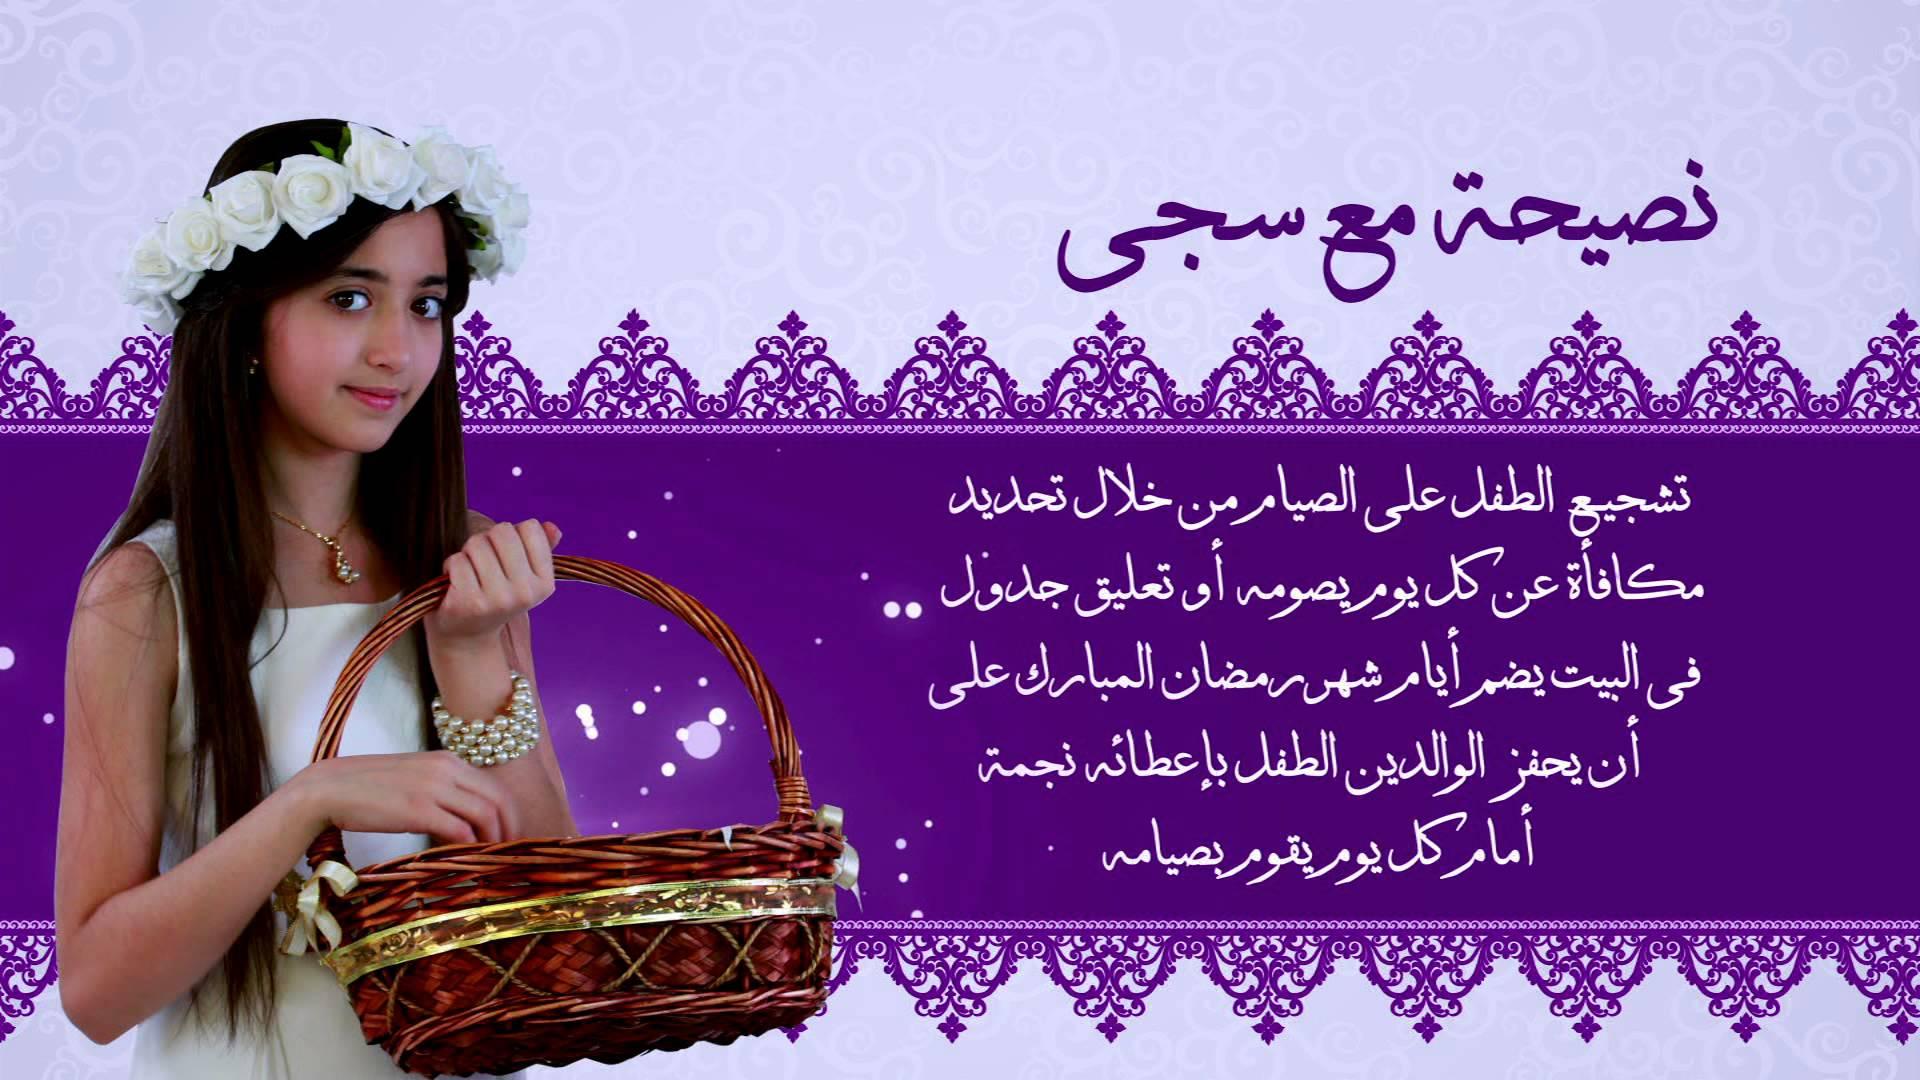 بالصور نصائح رمضانية , كيف استغل رمضان 5382 4